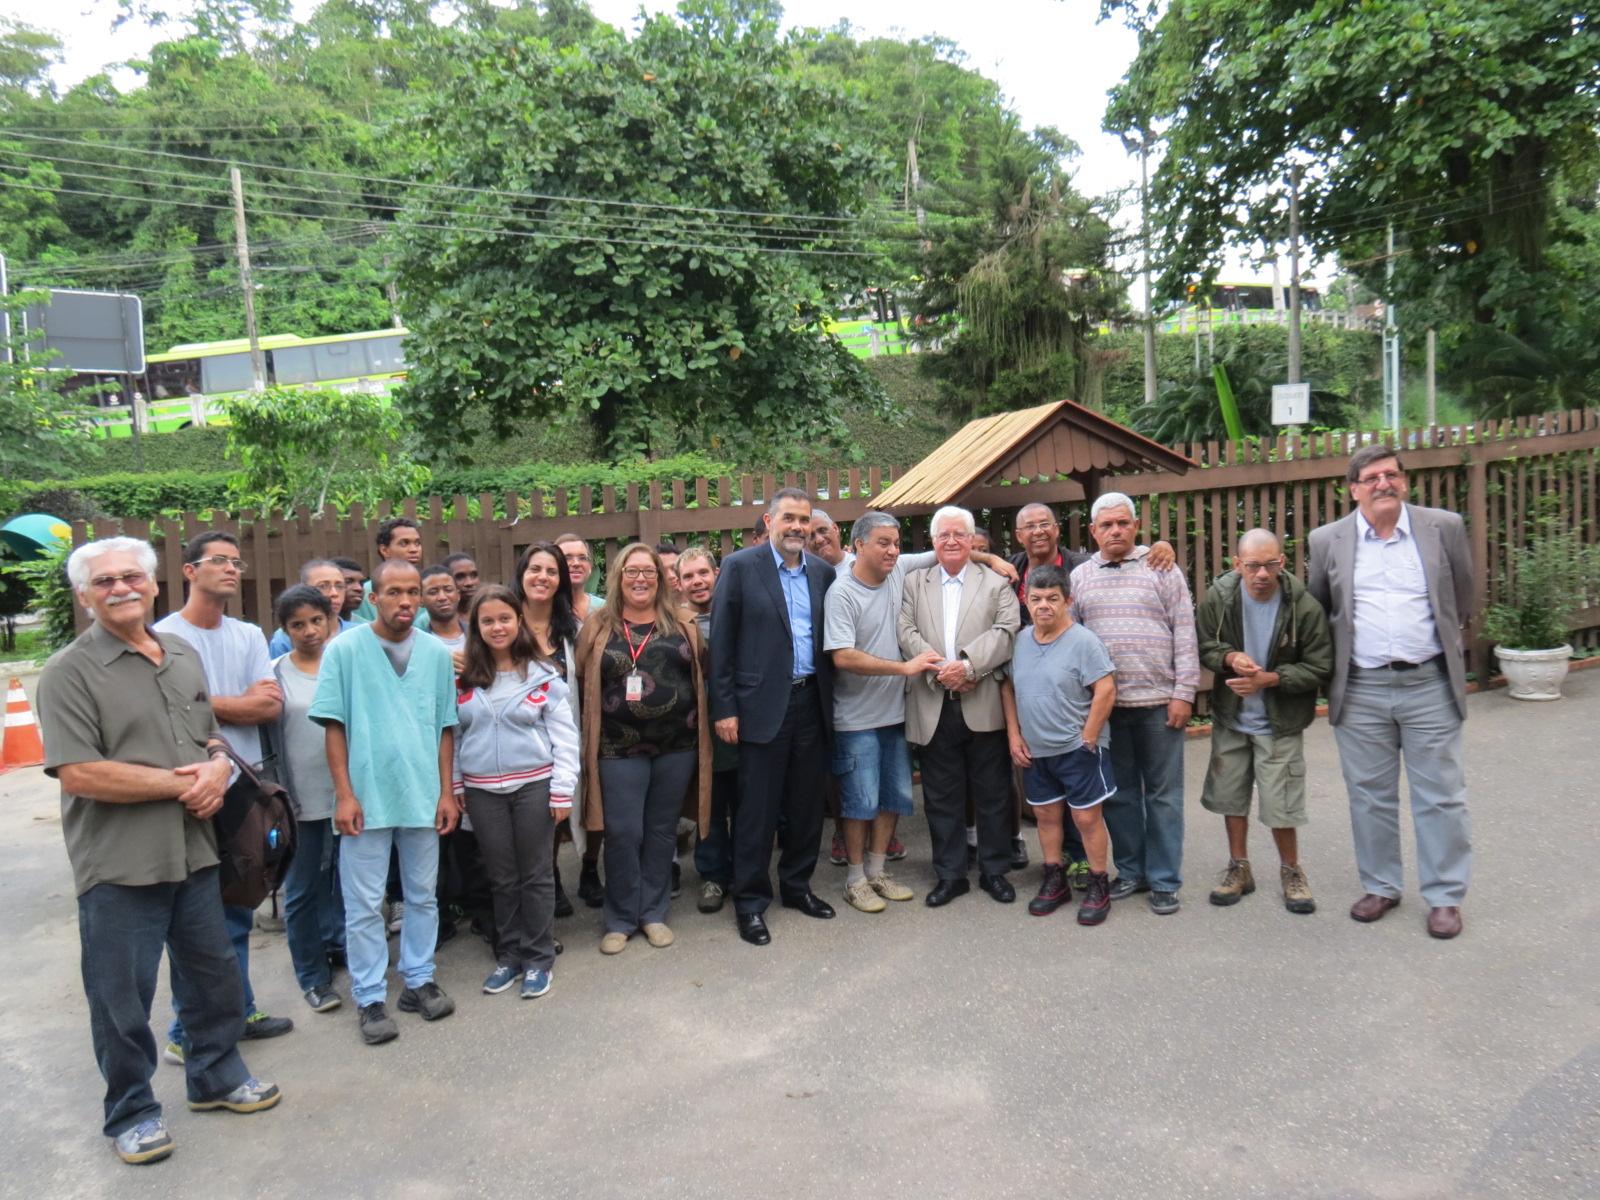 Jovens do programa de profissionalização, junto com diretores da Pestalozzi recebem os executivos da GE Oil e Gás